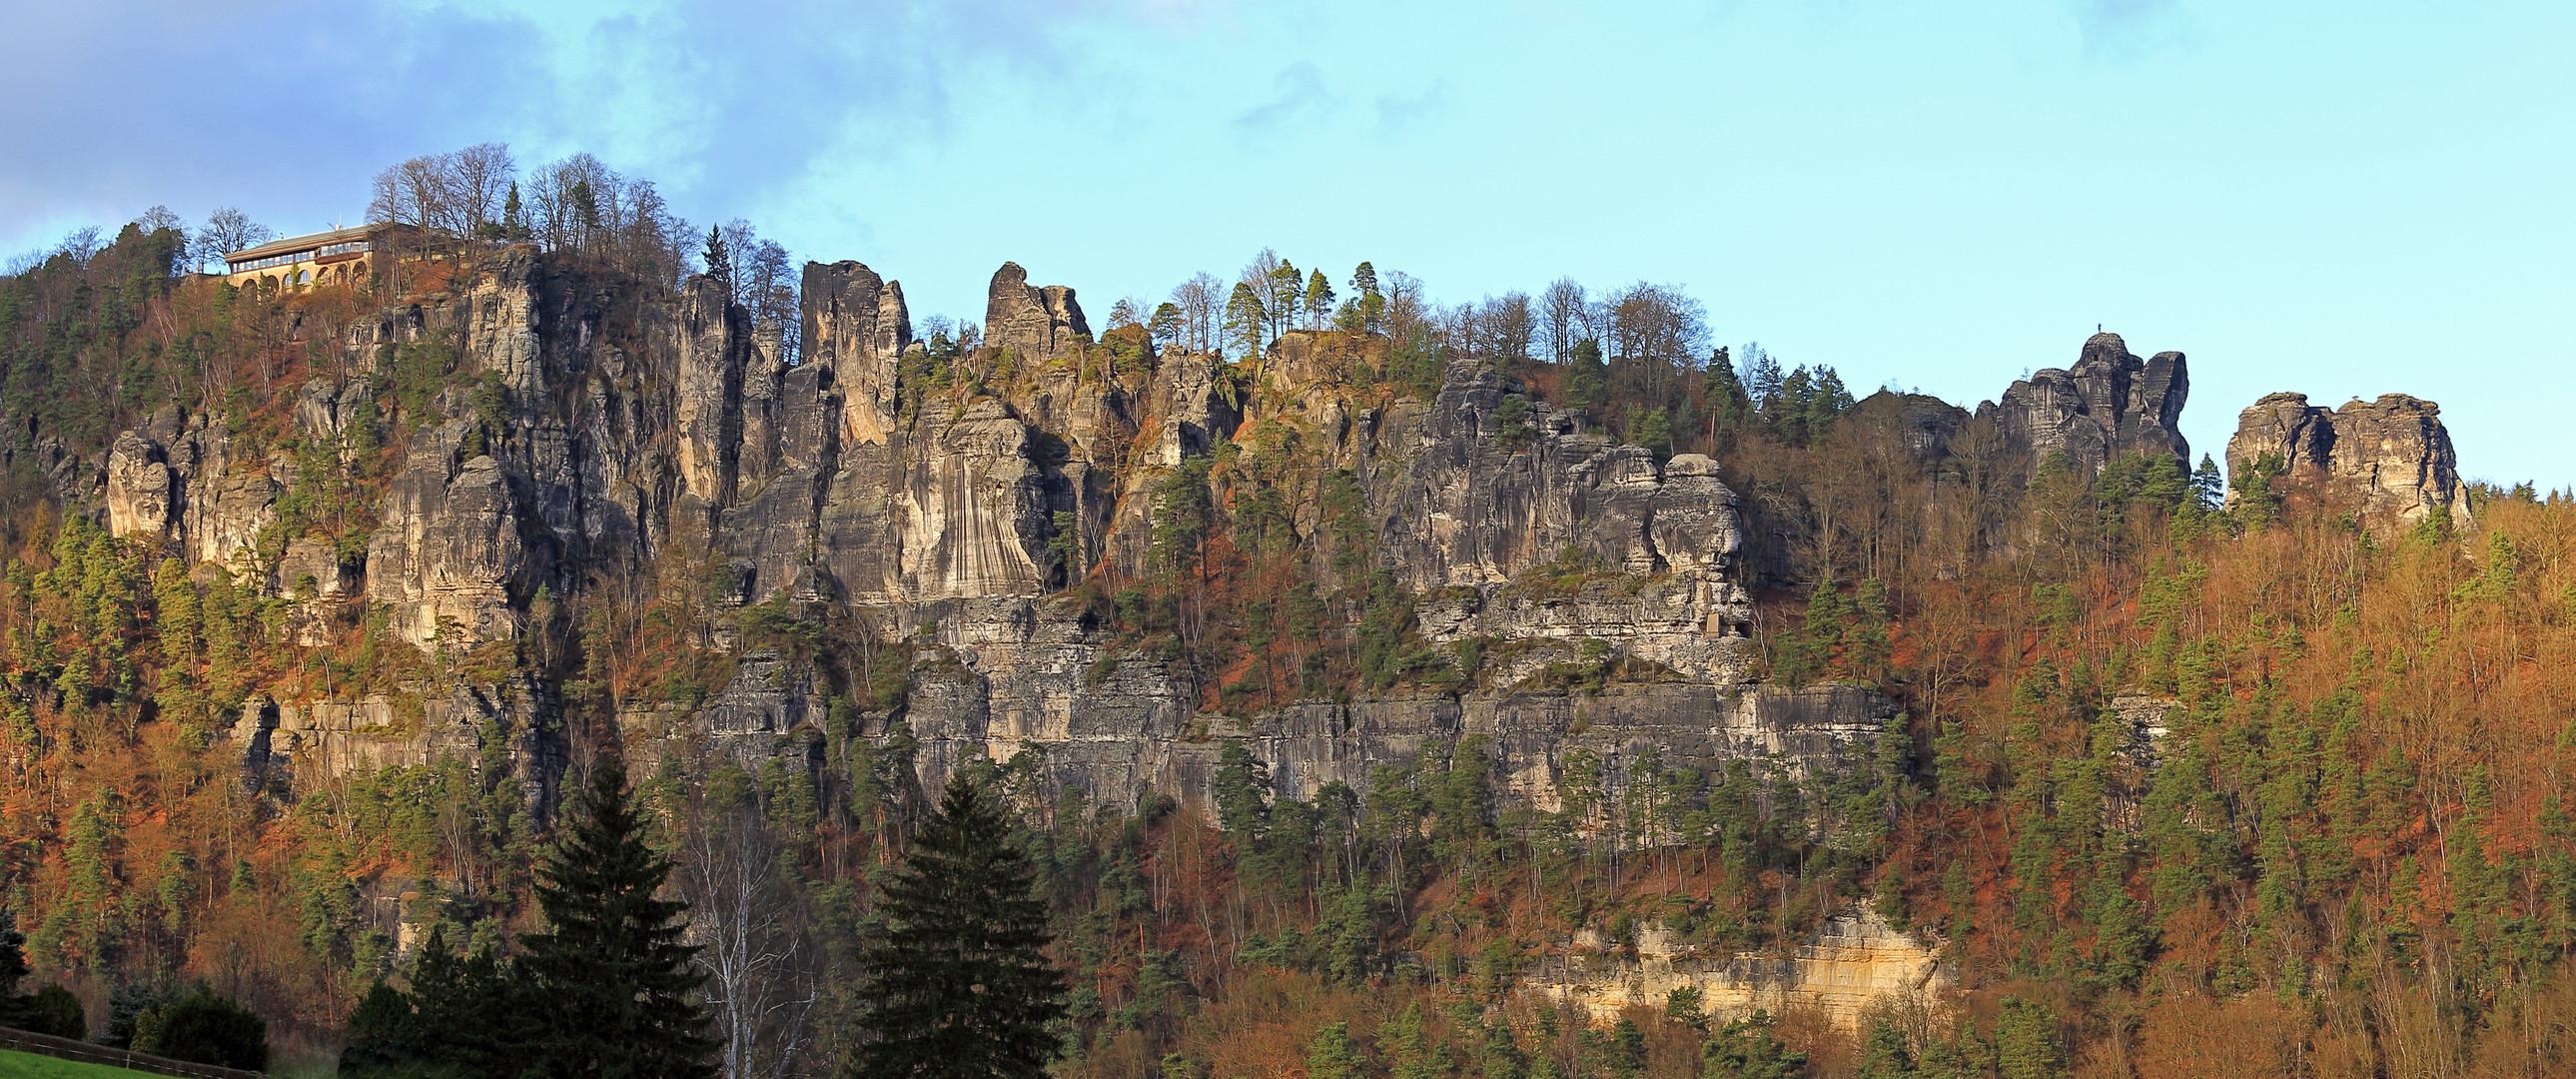 bei herrlicher tiefer Dezembersonne war ich am 08 12. nach dem Mittag in Rathen fast  allein...